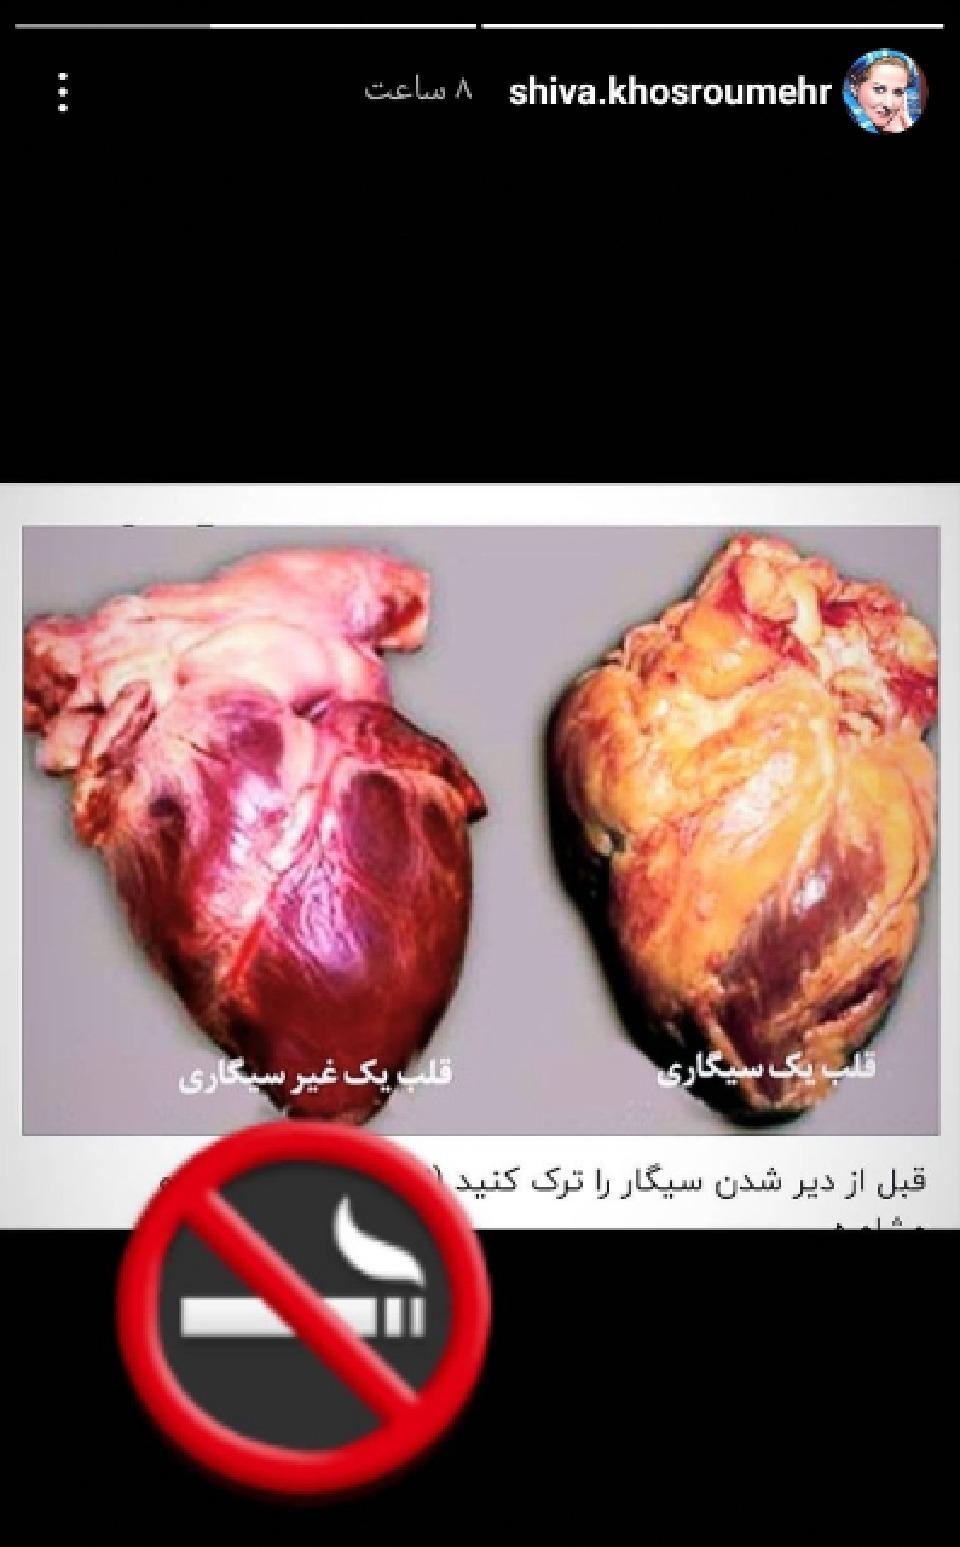 تاثیر سیگار بر قلب